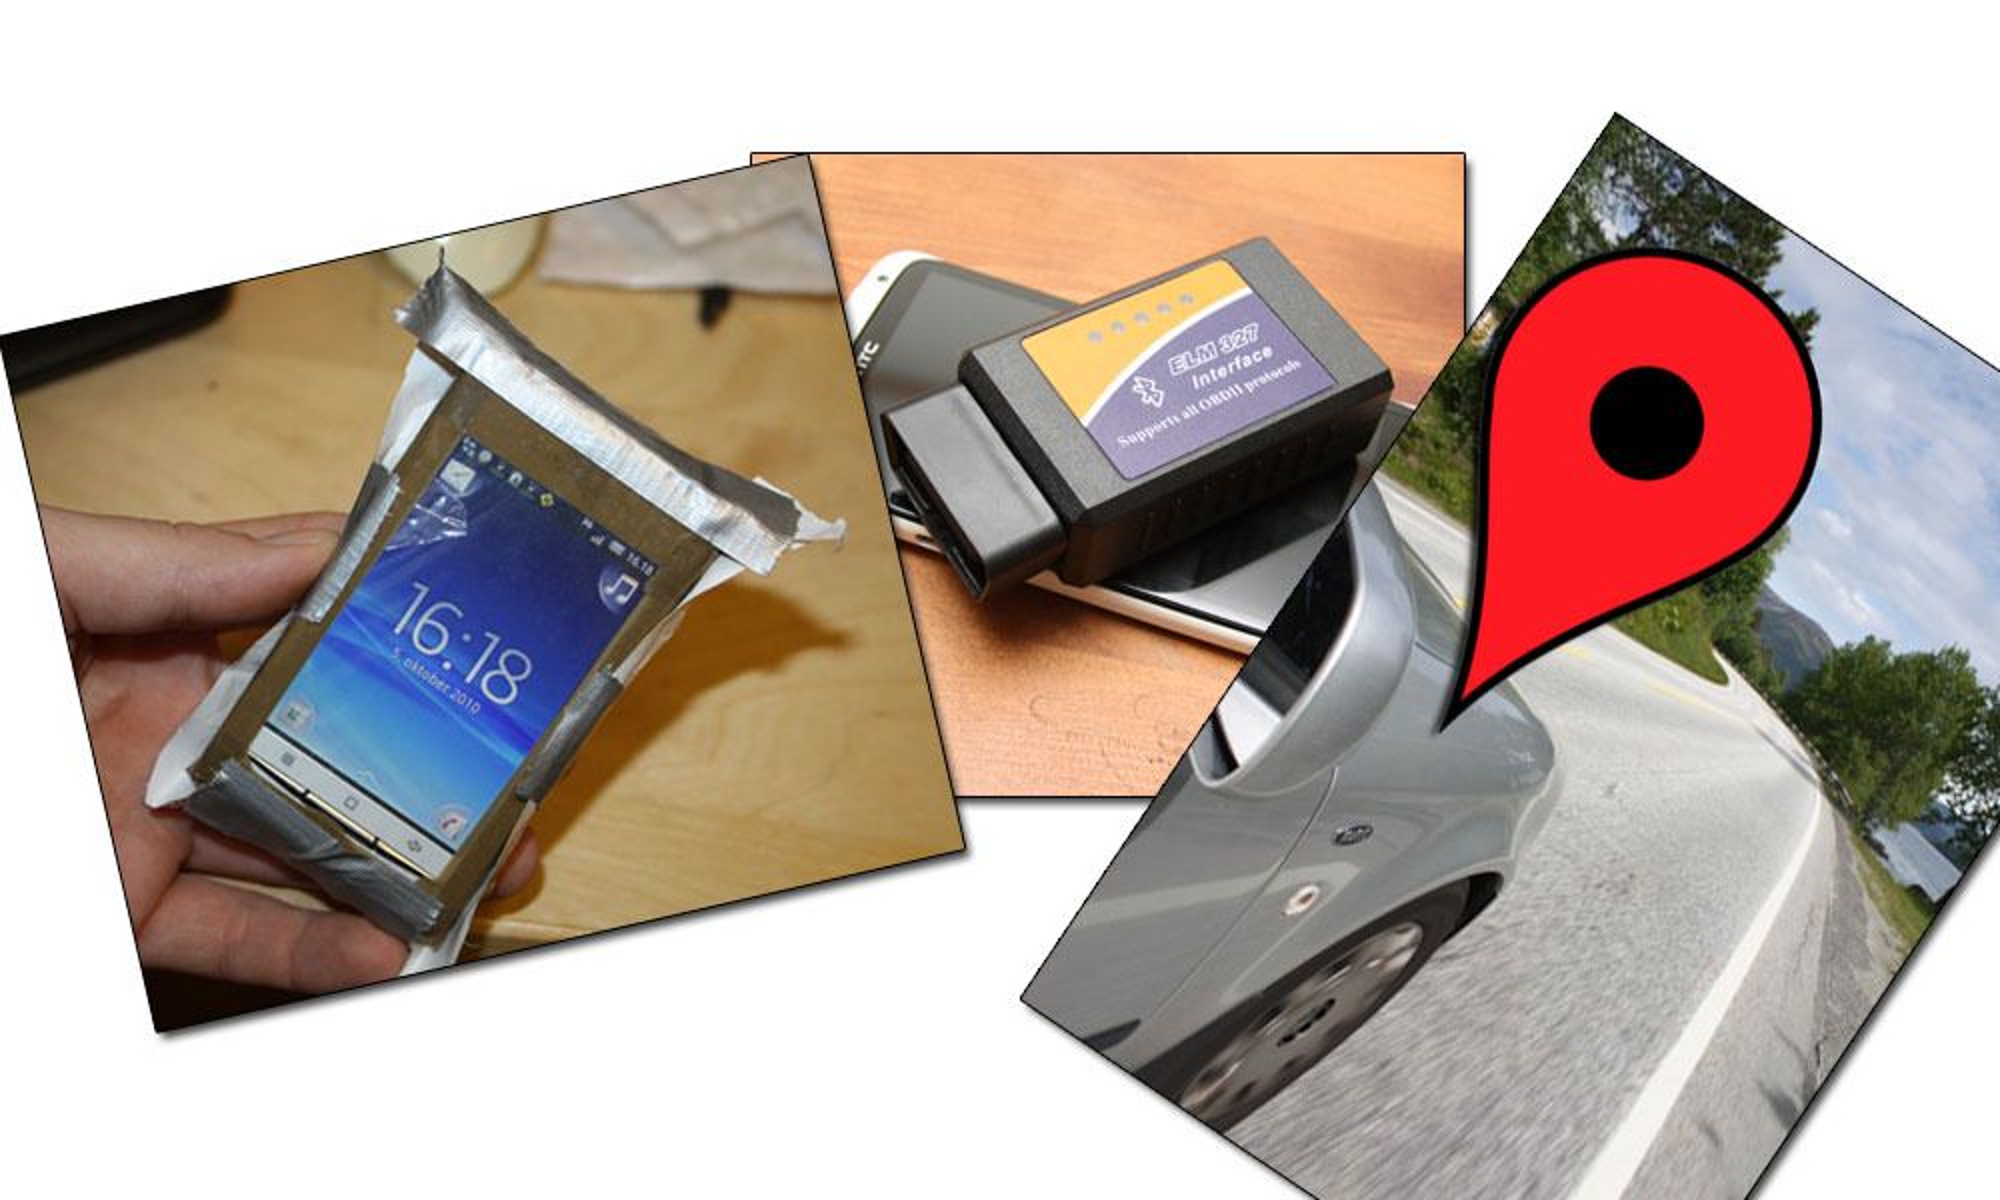 7 ting du kan bruke din gamle mobil til